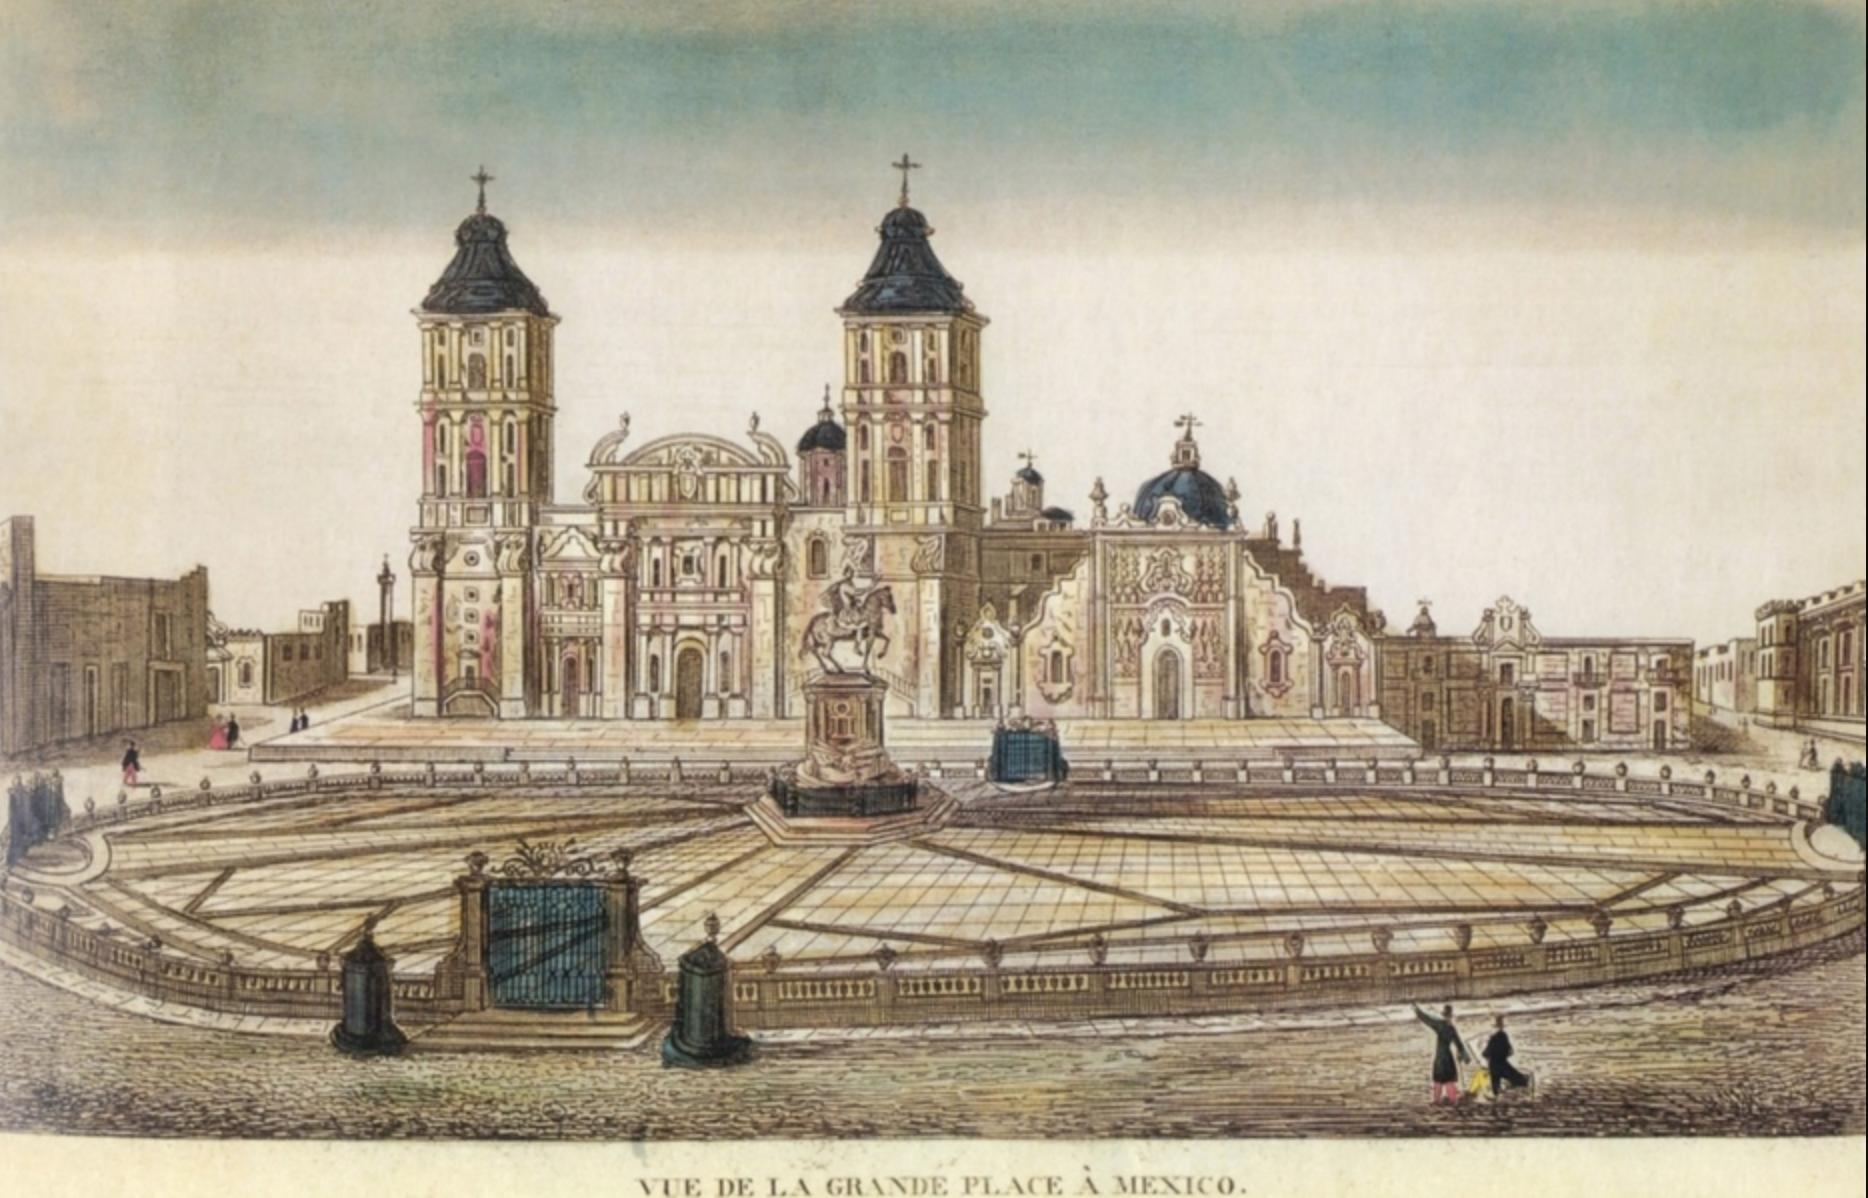 Zócalo de la Ciudad de México. Vue de la Grande Place a Mexico, 1797-1815.